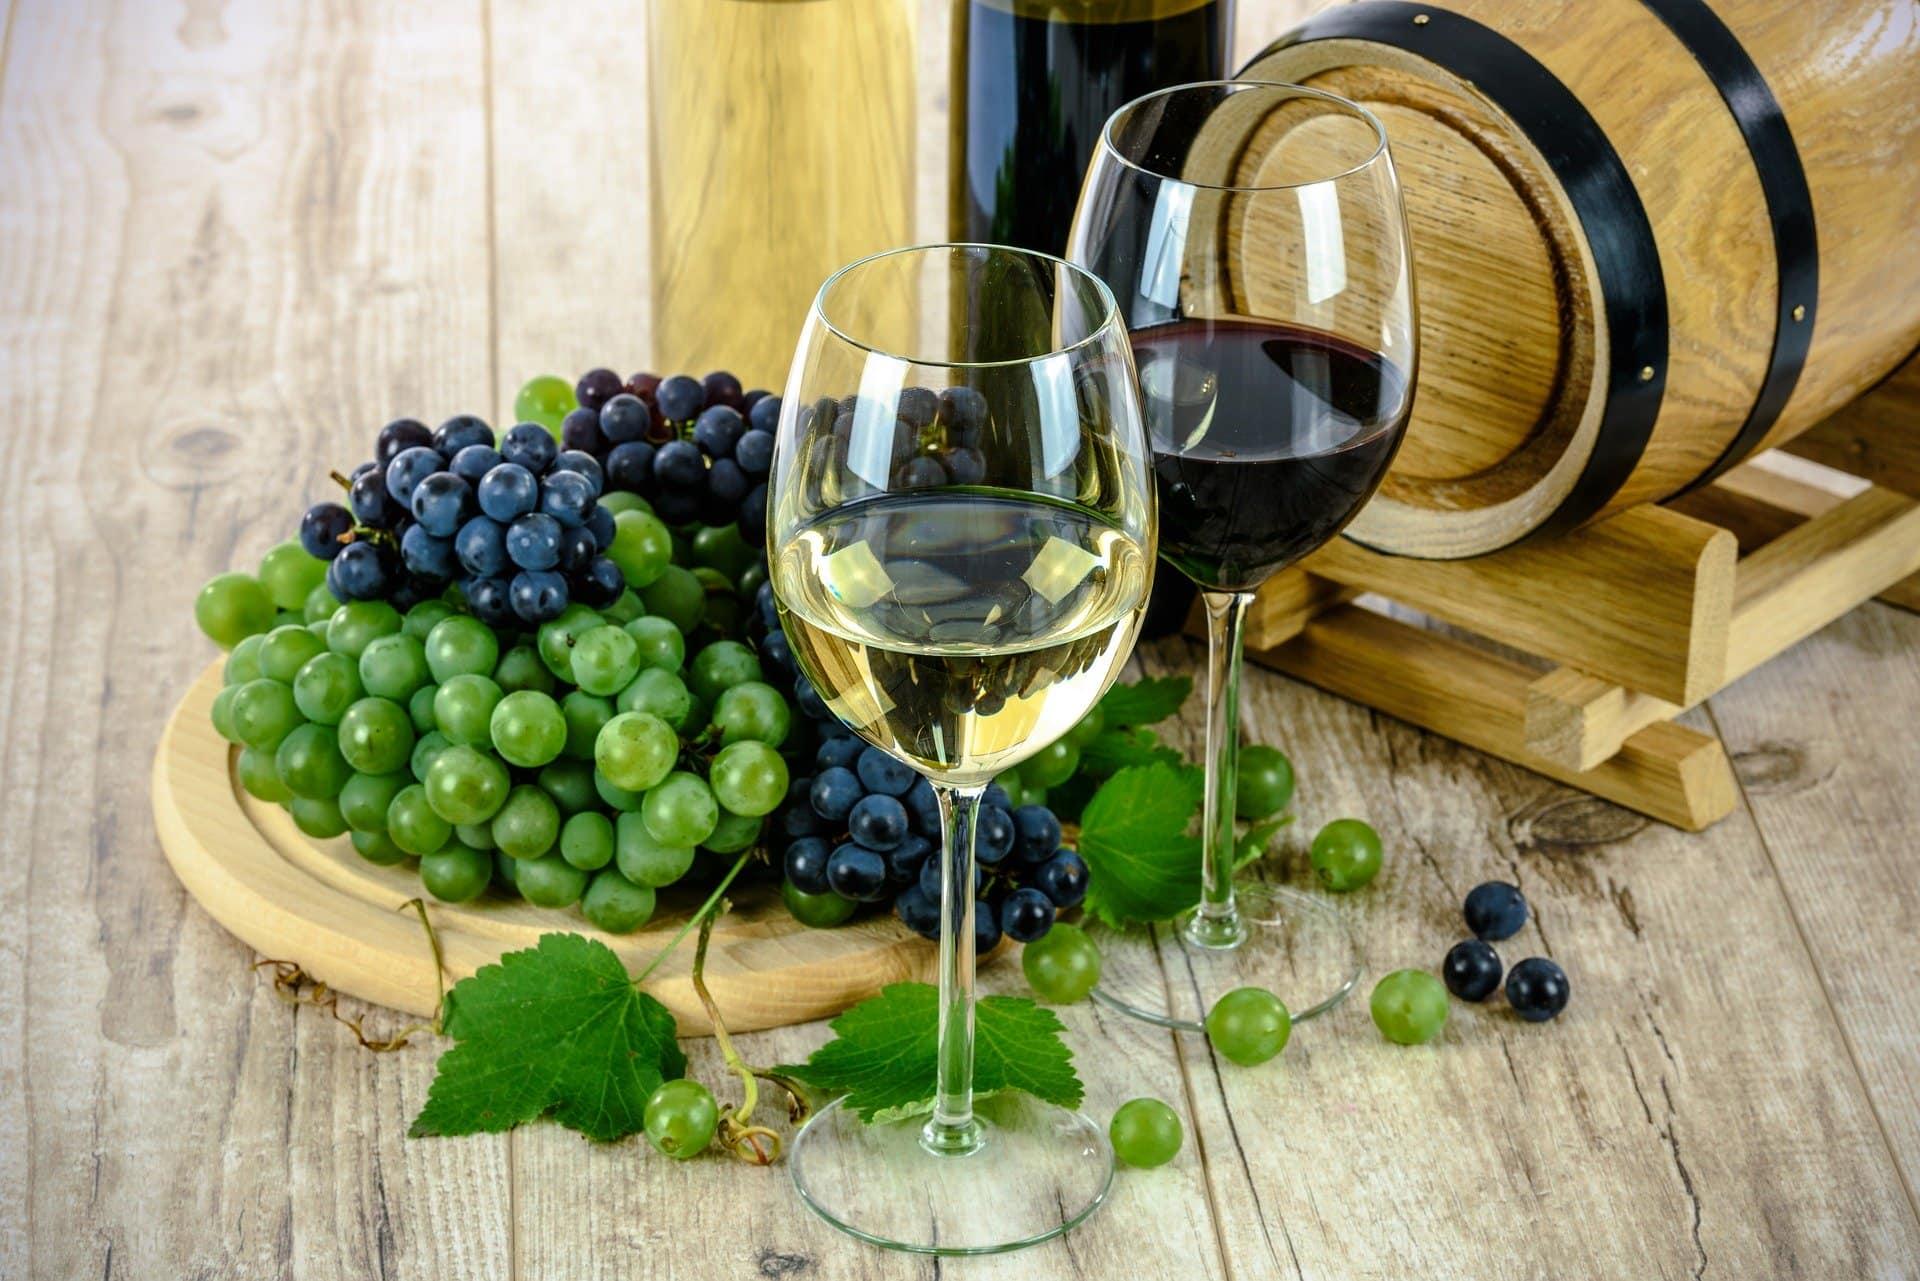 Body of the wine